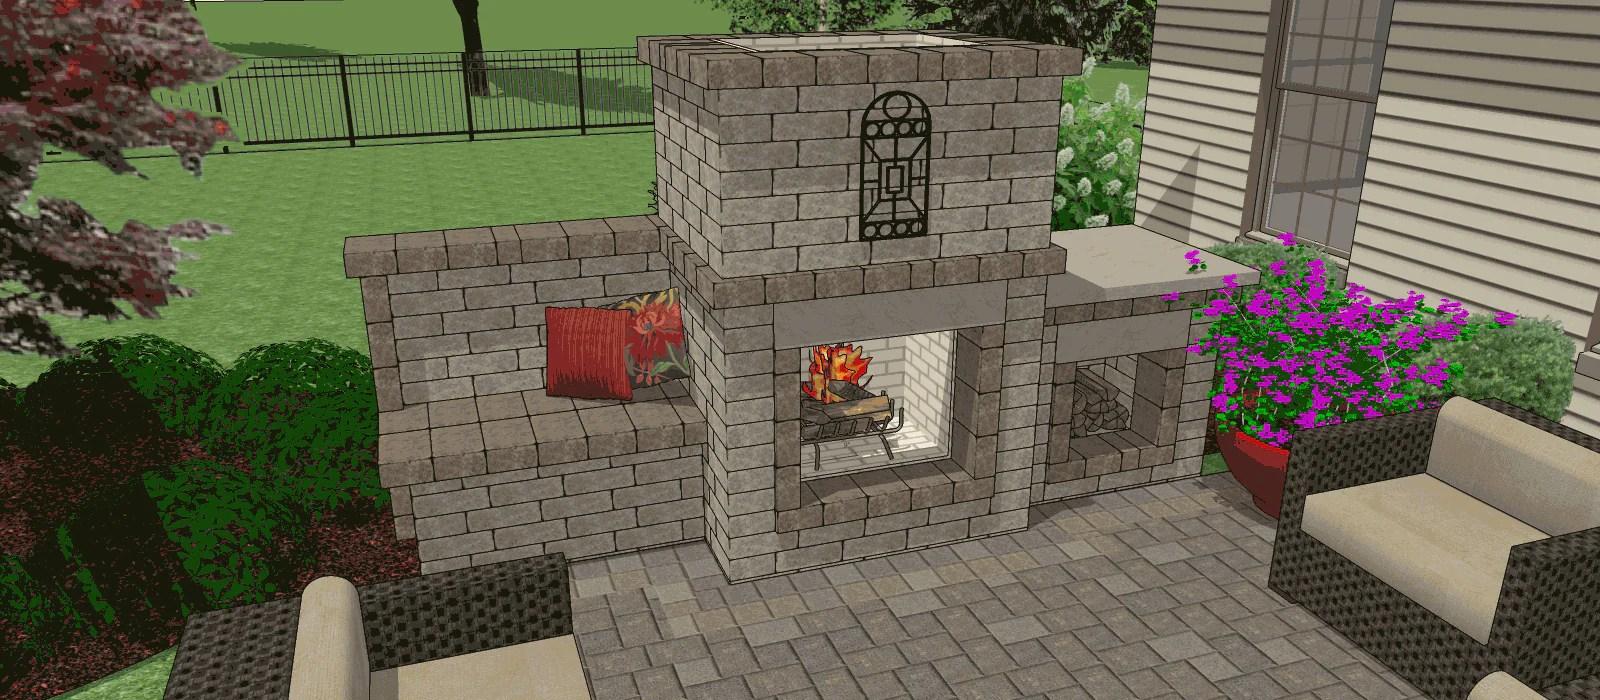 backyard design outdoor patio ideas Affordable Patio Designs for Your Backyard